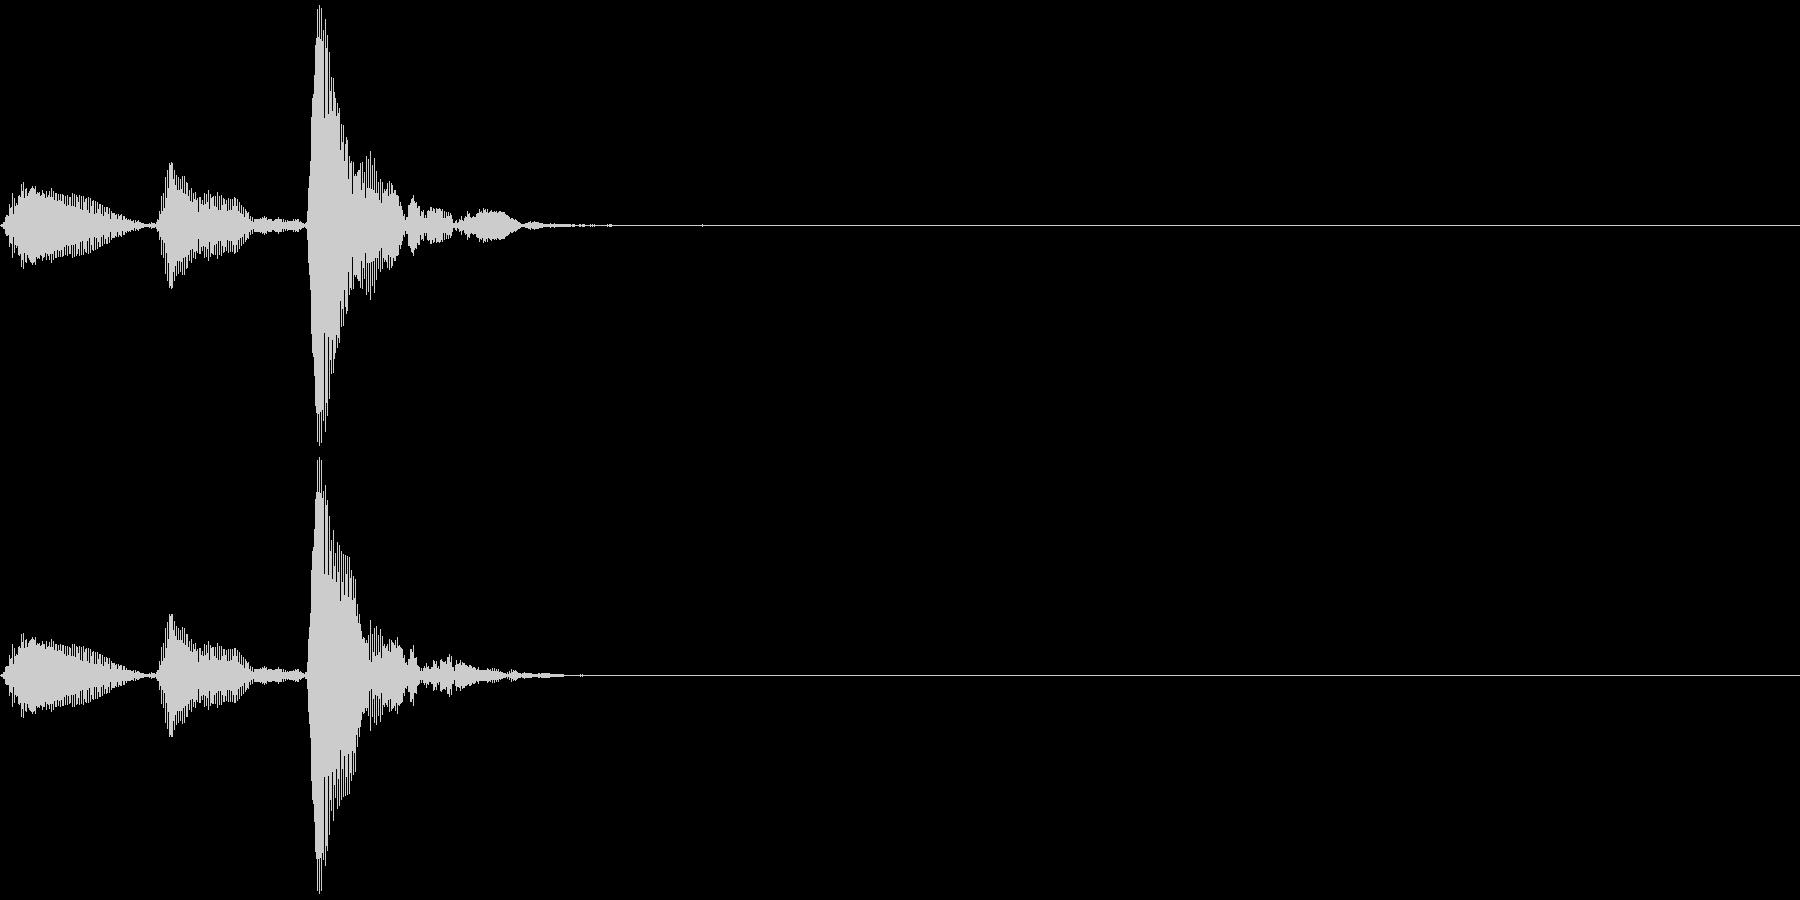 和楽器・鼓(つづみ)の3連打ポポポン2の未再生の波形